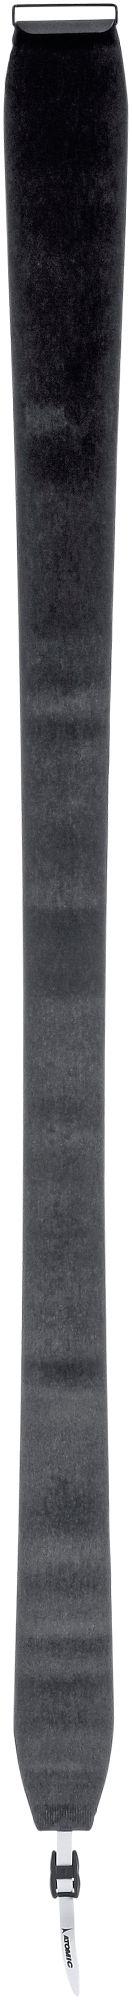 Skin Backland 78 Skifell in schwarz, Größe 158